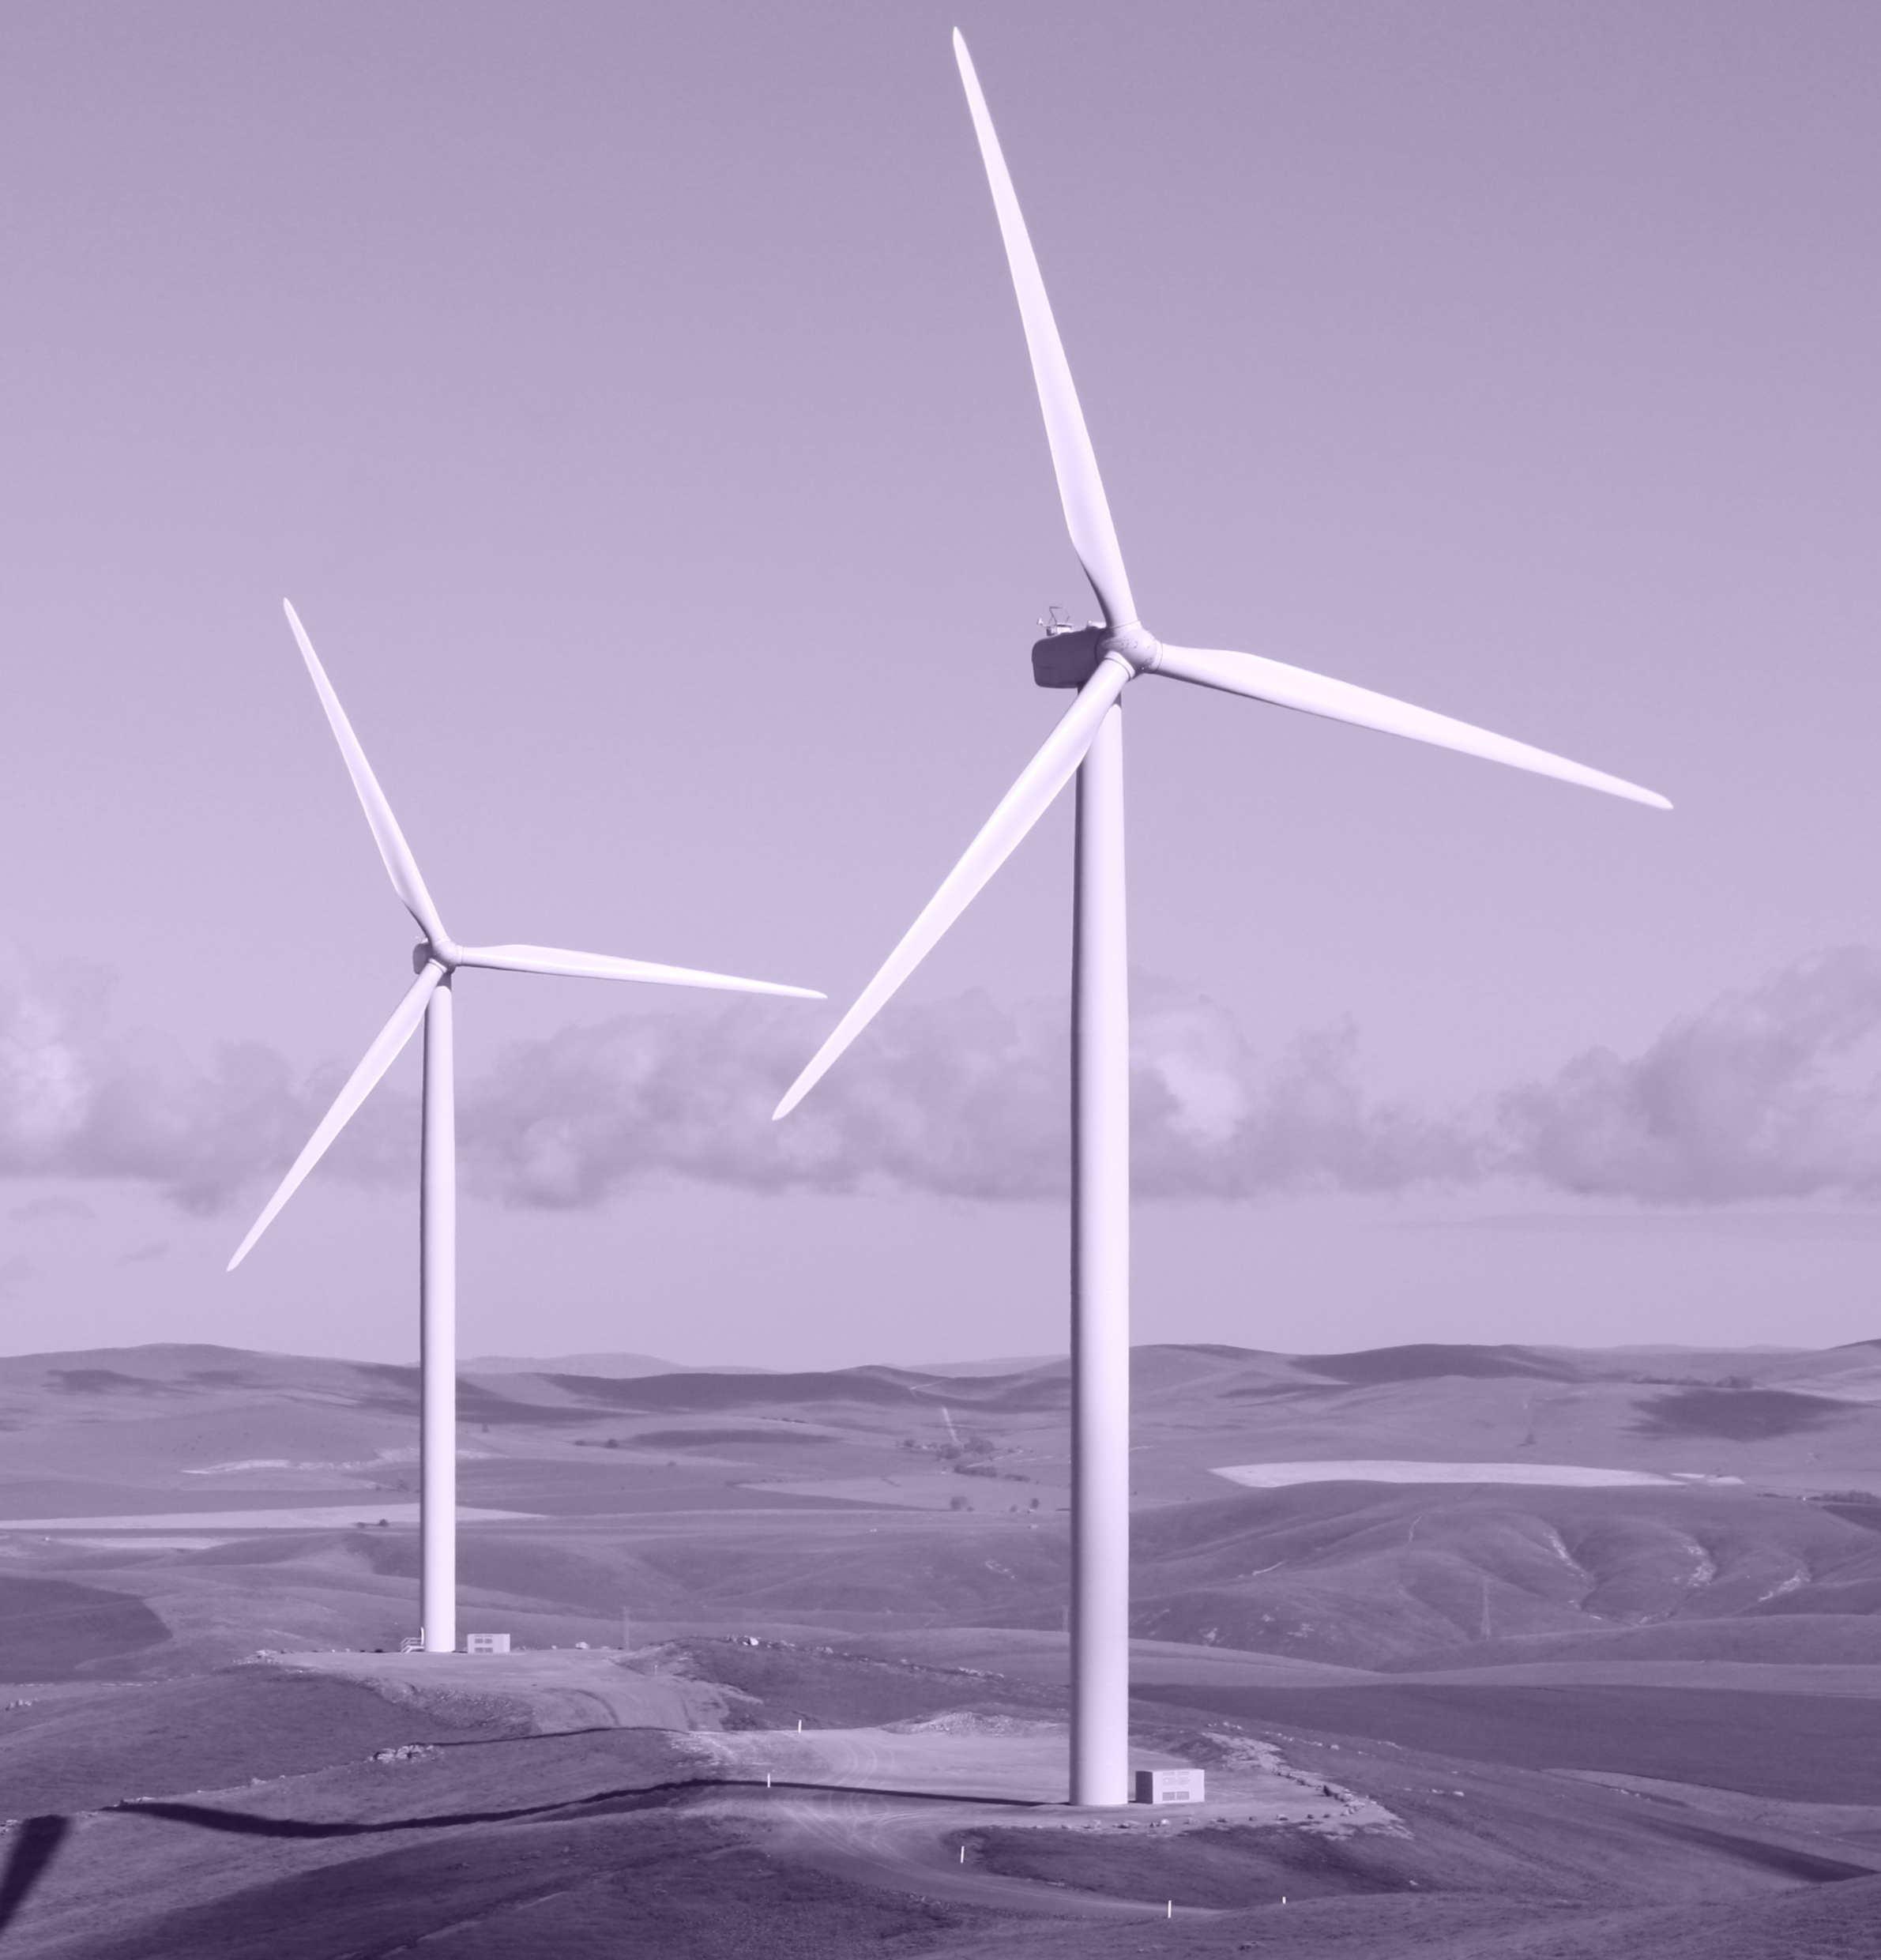 Simultaneous Energisation of Wind Turbine Transformers